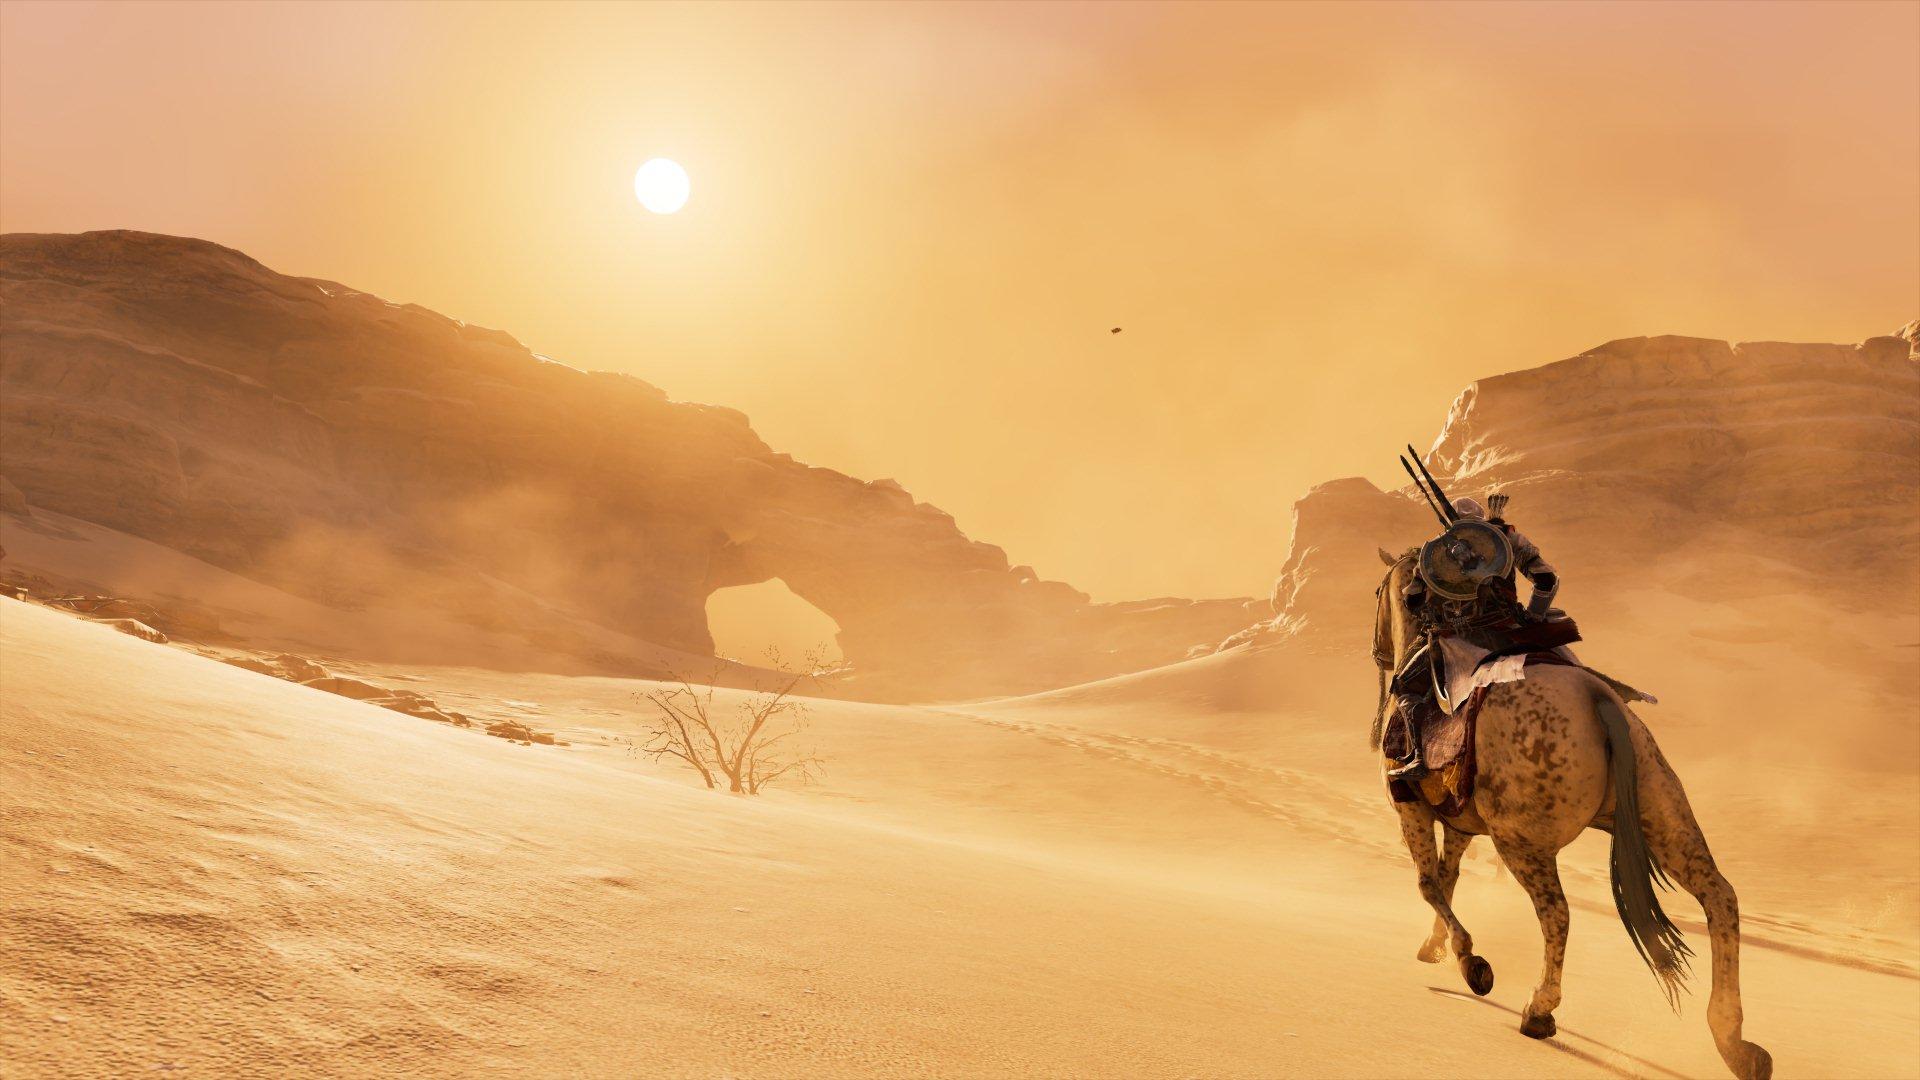 20180218204638.jpg - Assassin's Creed: Origins